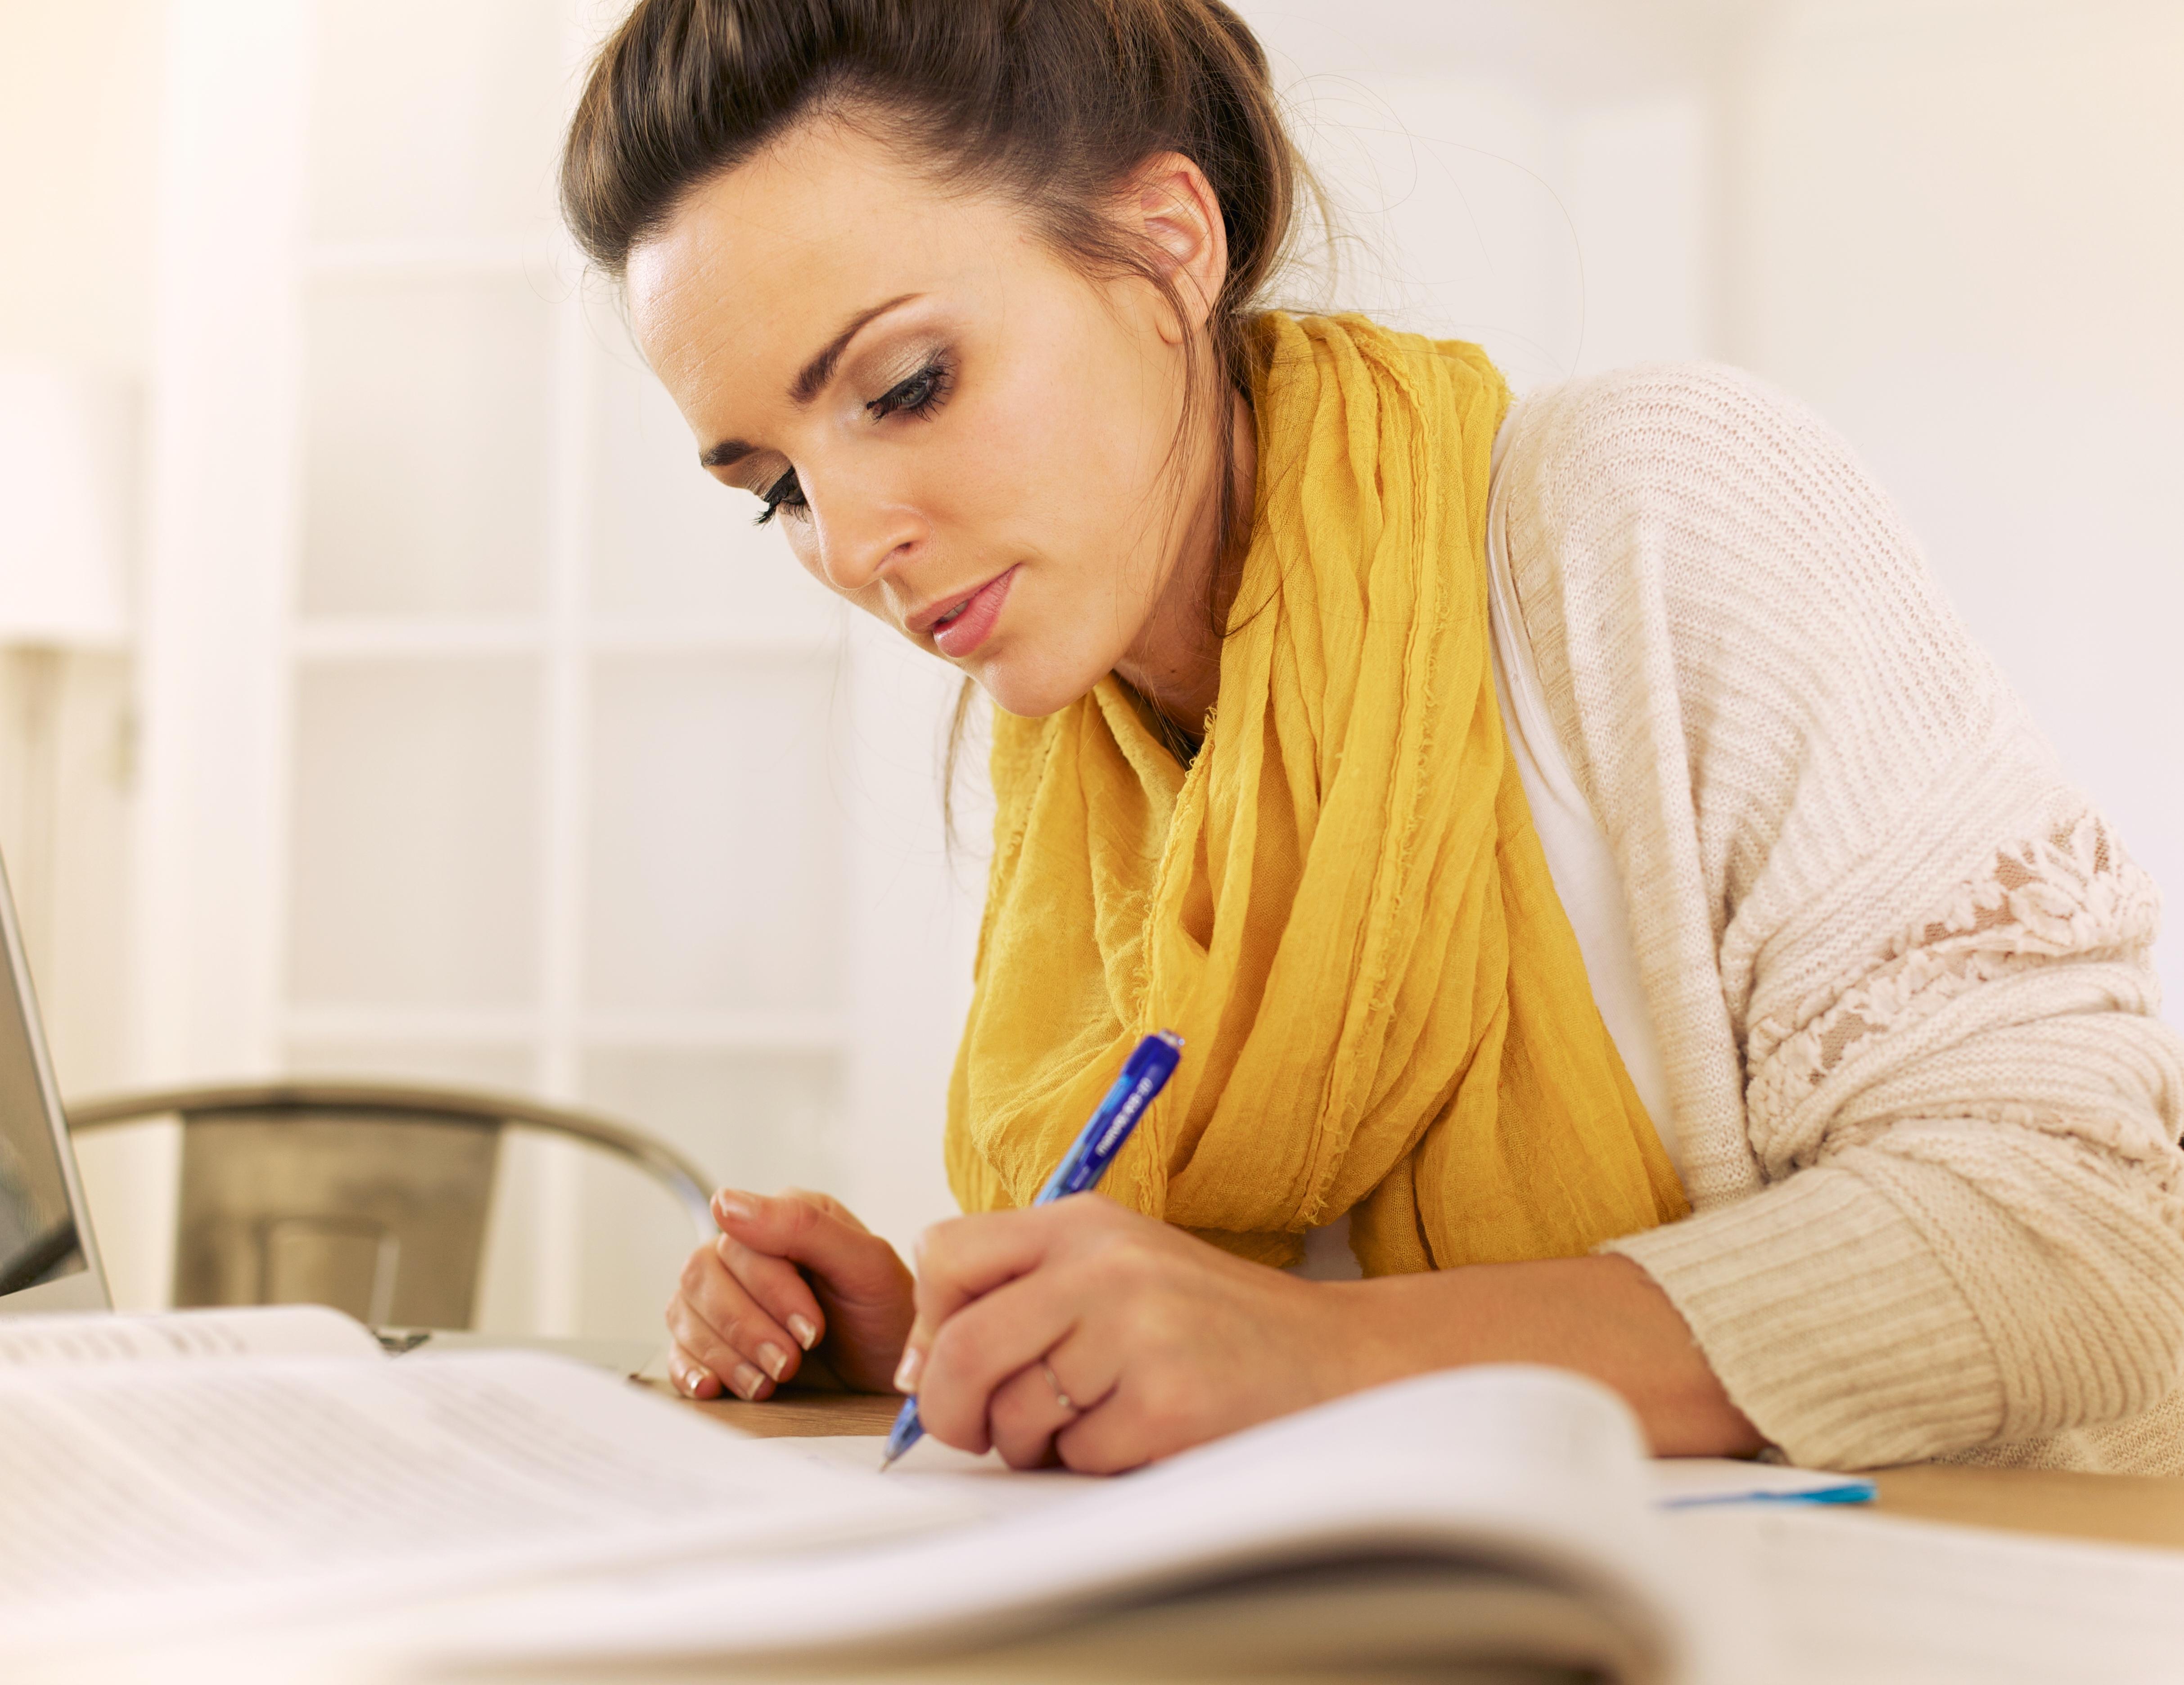 Kvinde laver research og skriver kategoritekster